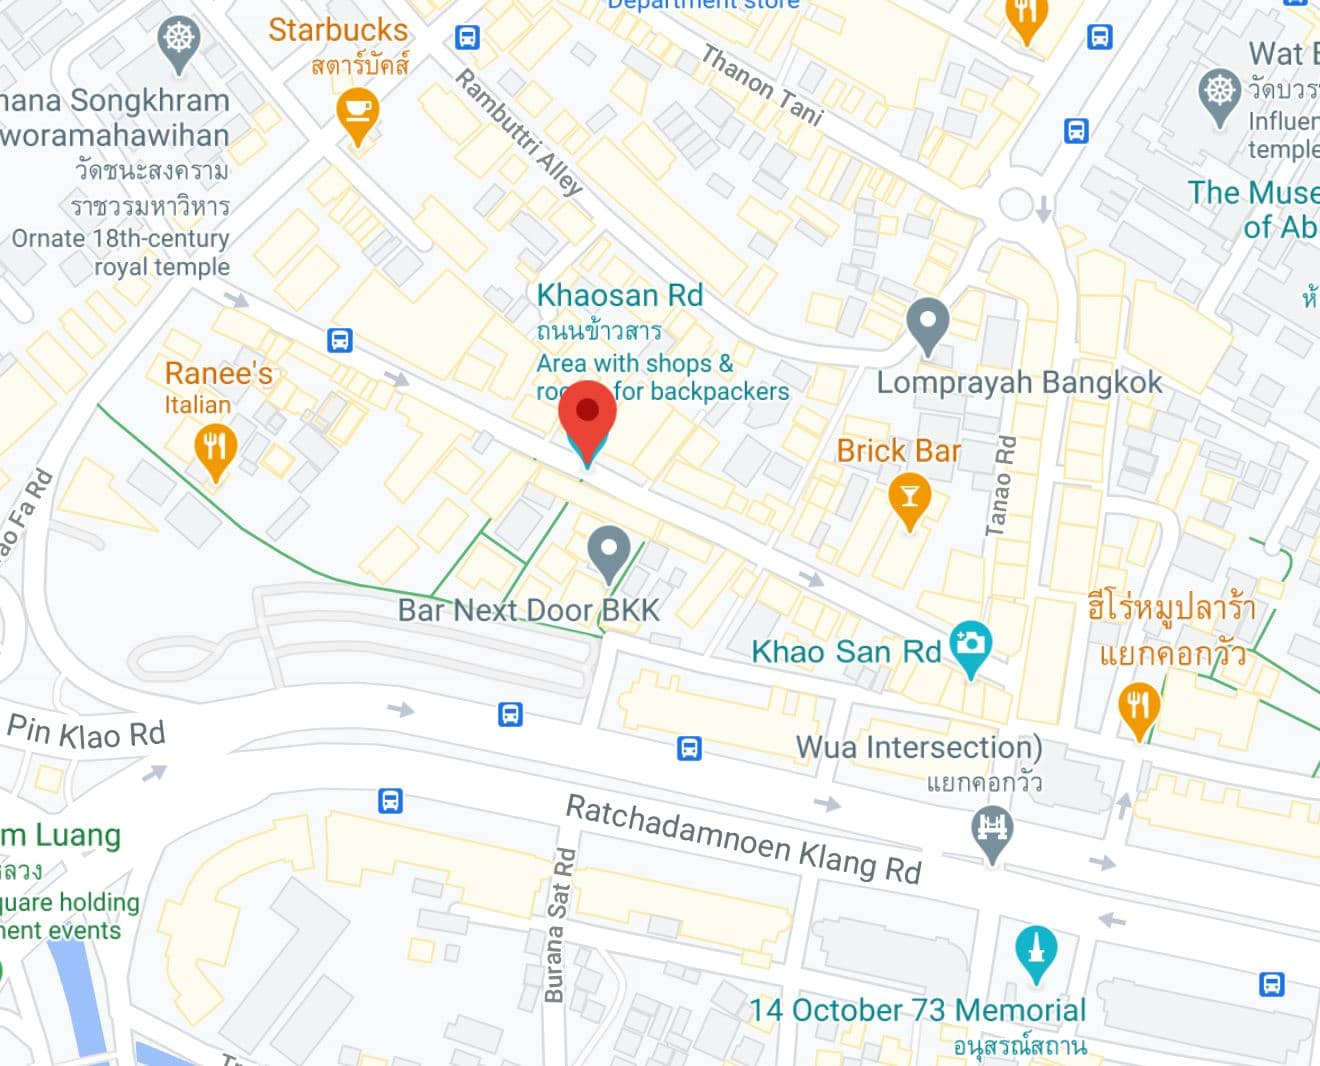 khao san road location